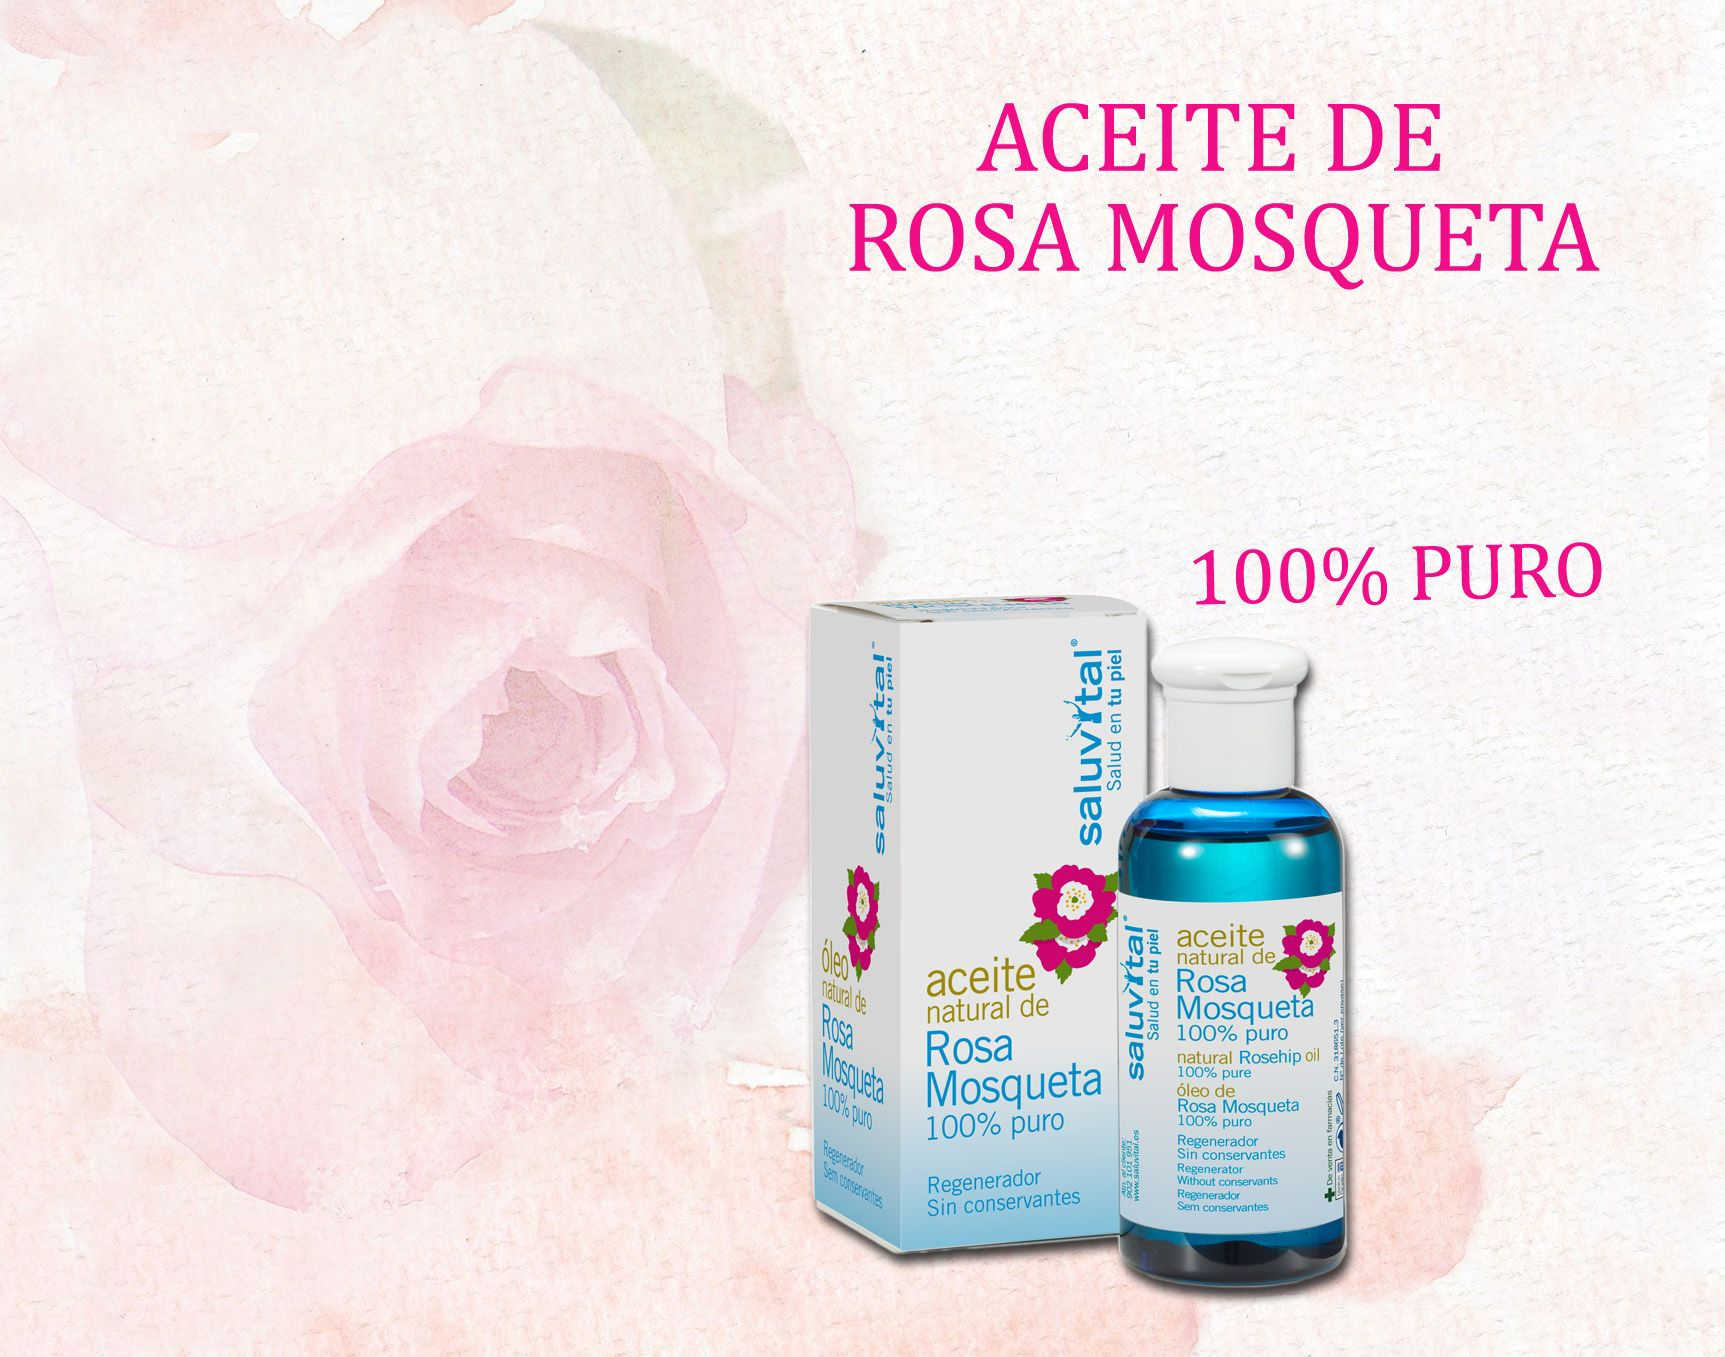 36 Ideas De Aceite De Rosa Mosqueta Aceite De Rosa Mosqueta Aceite Piel